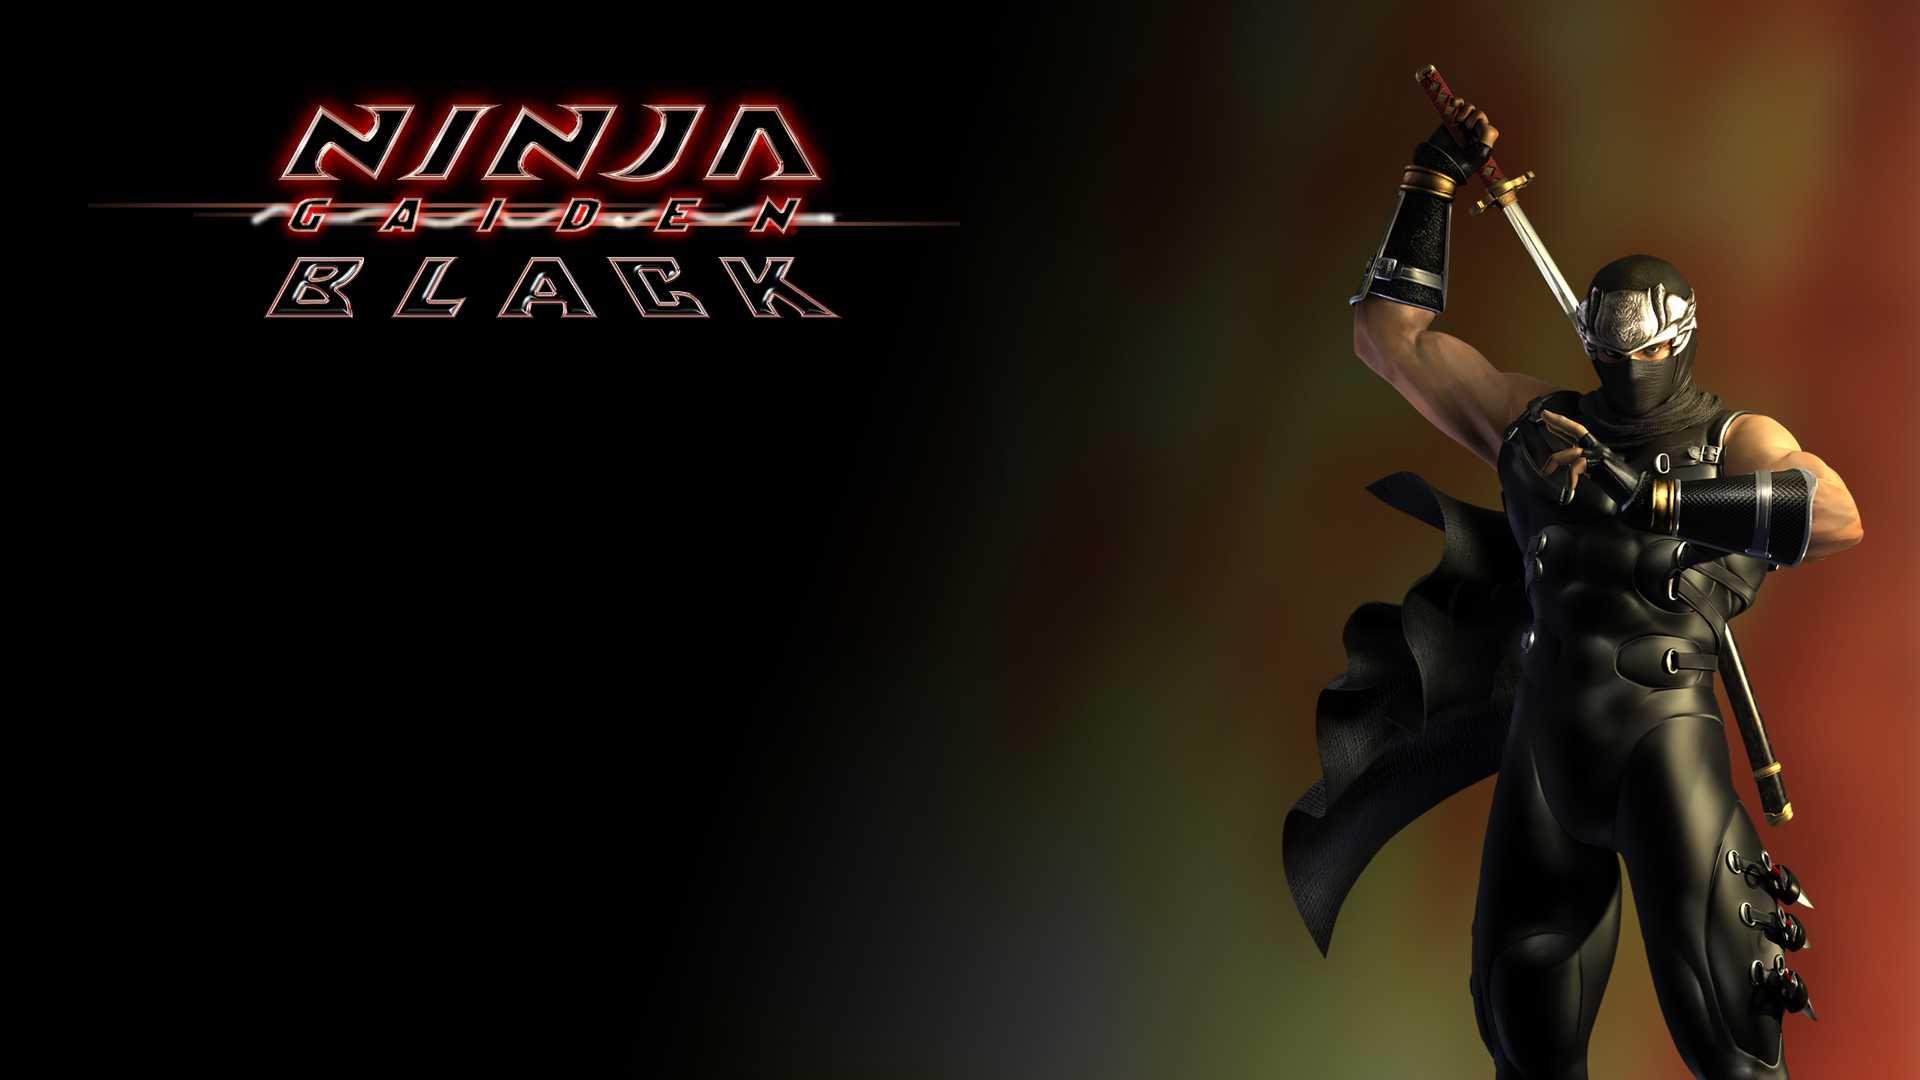 Game Ninja Gaiden Wallpaper: Buy Ninja Gaiden Black